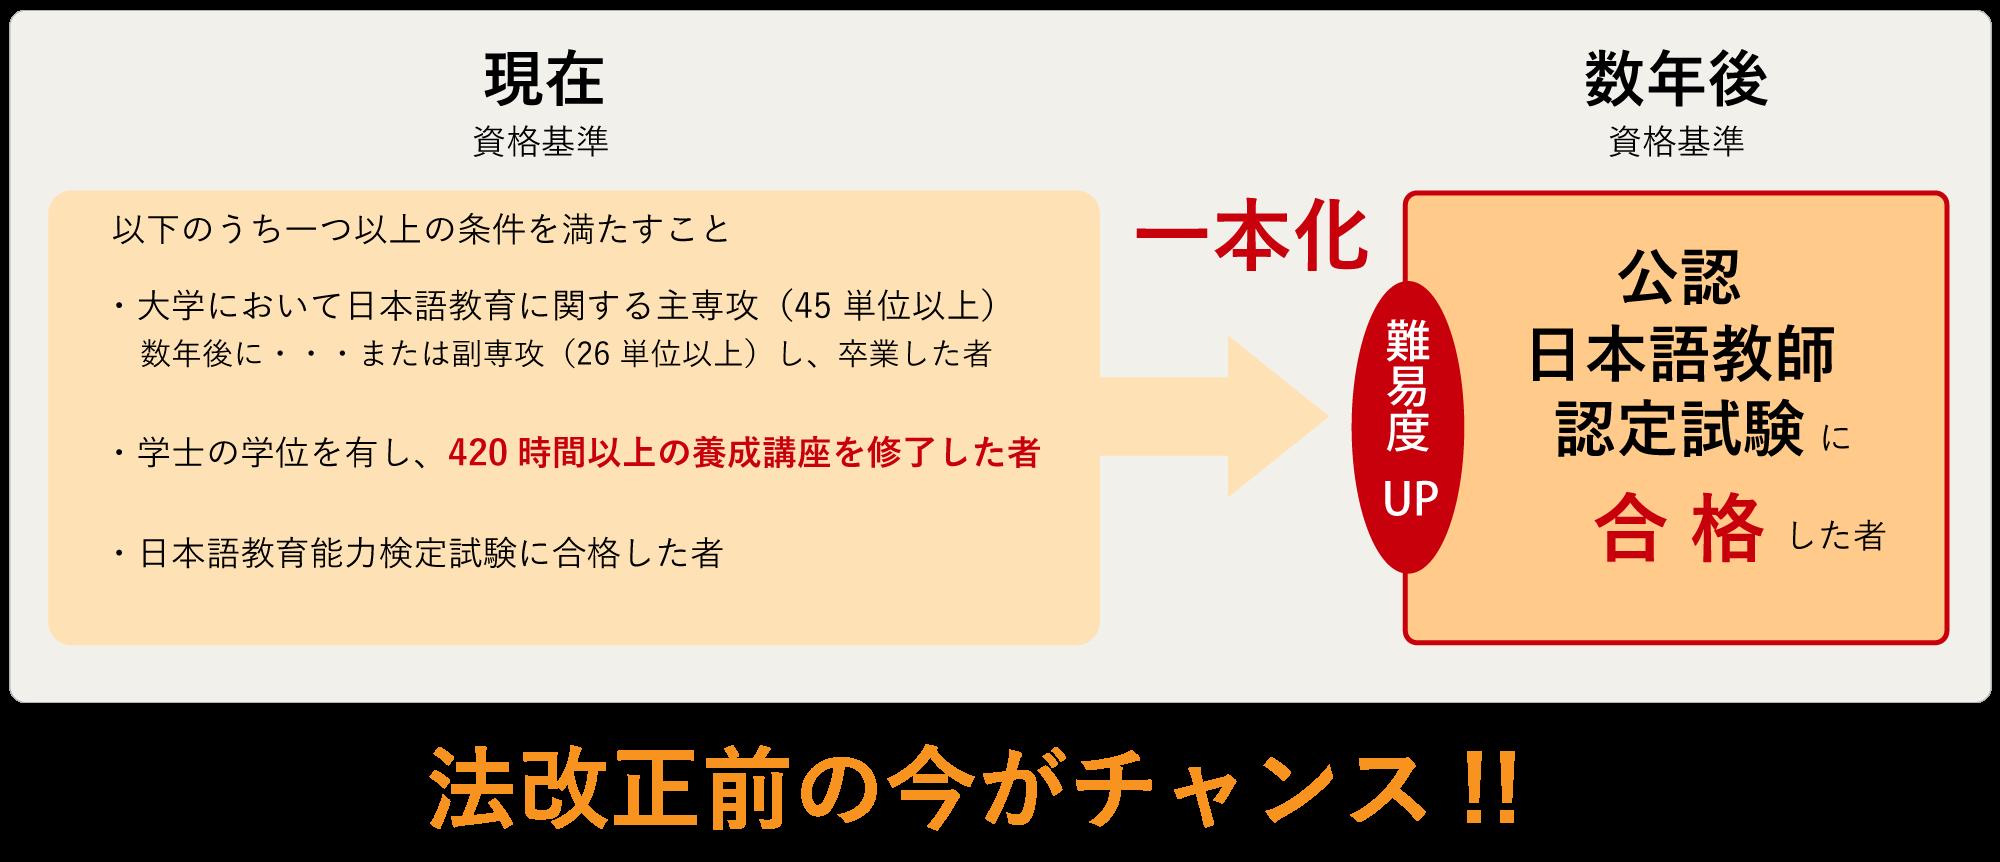 海外の医学部を卒業してから、日本で「医師国家試験」を受験するまでの流れ